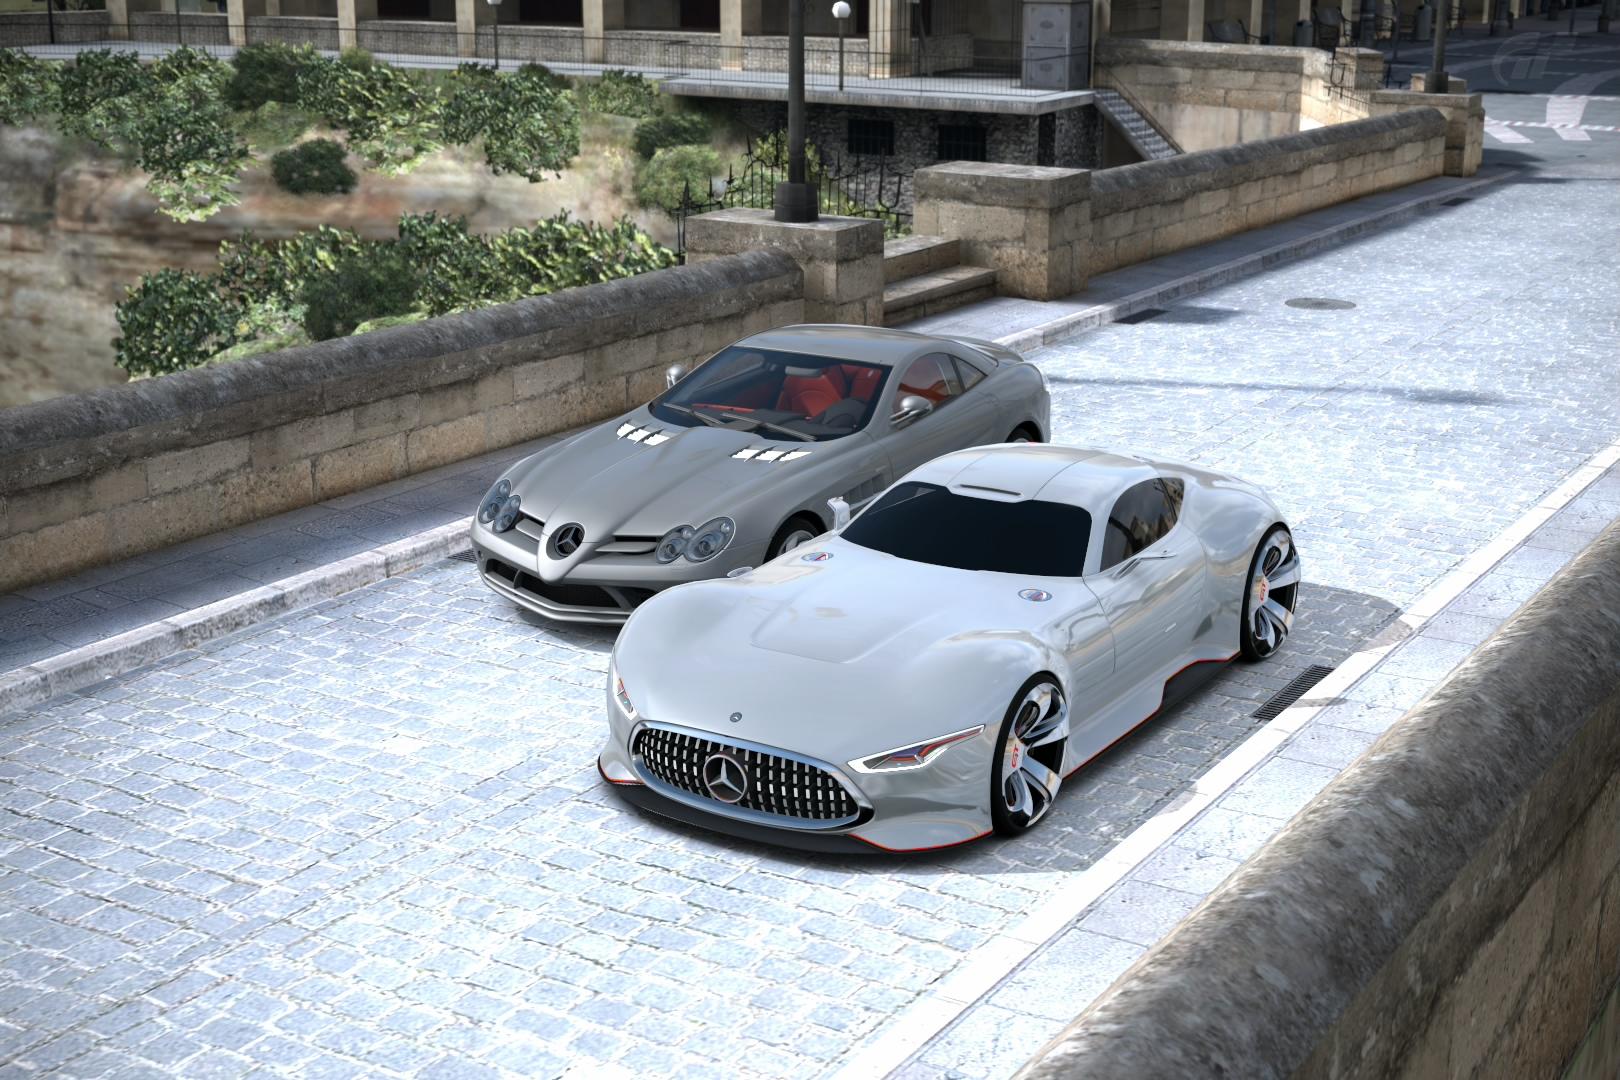 Mercedes SLR & AMG Vision